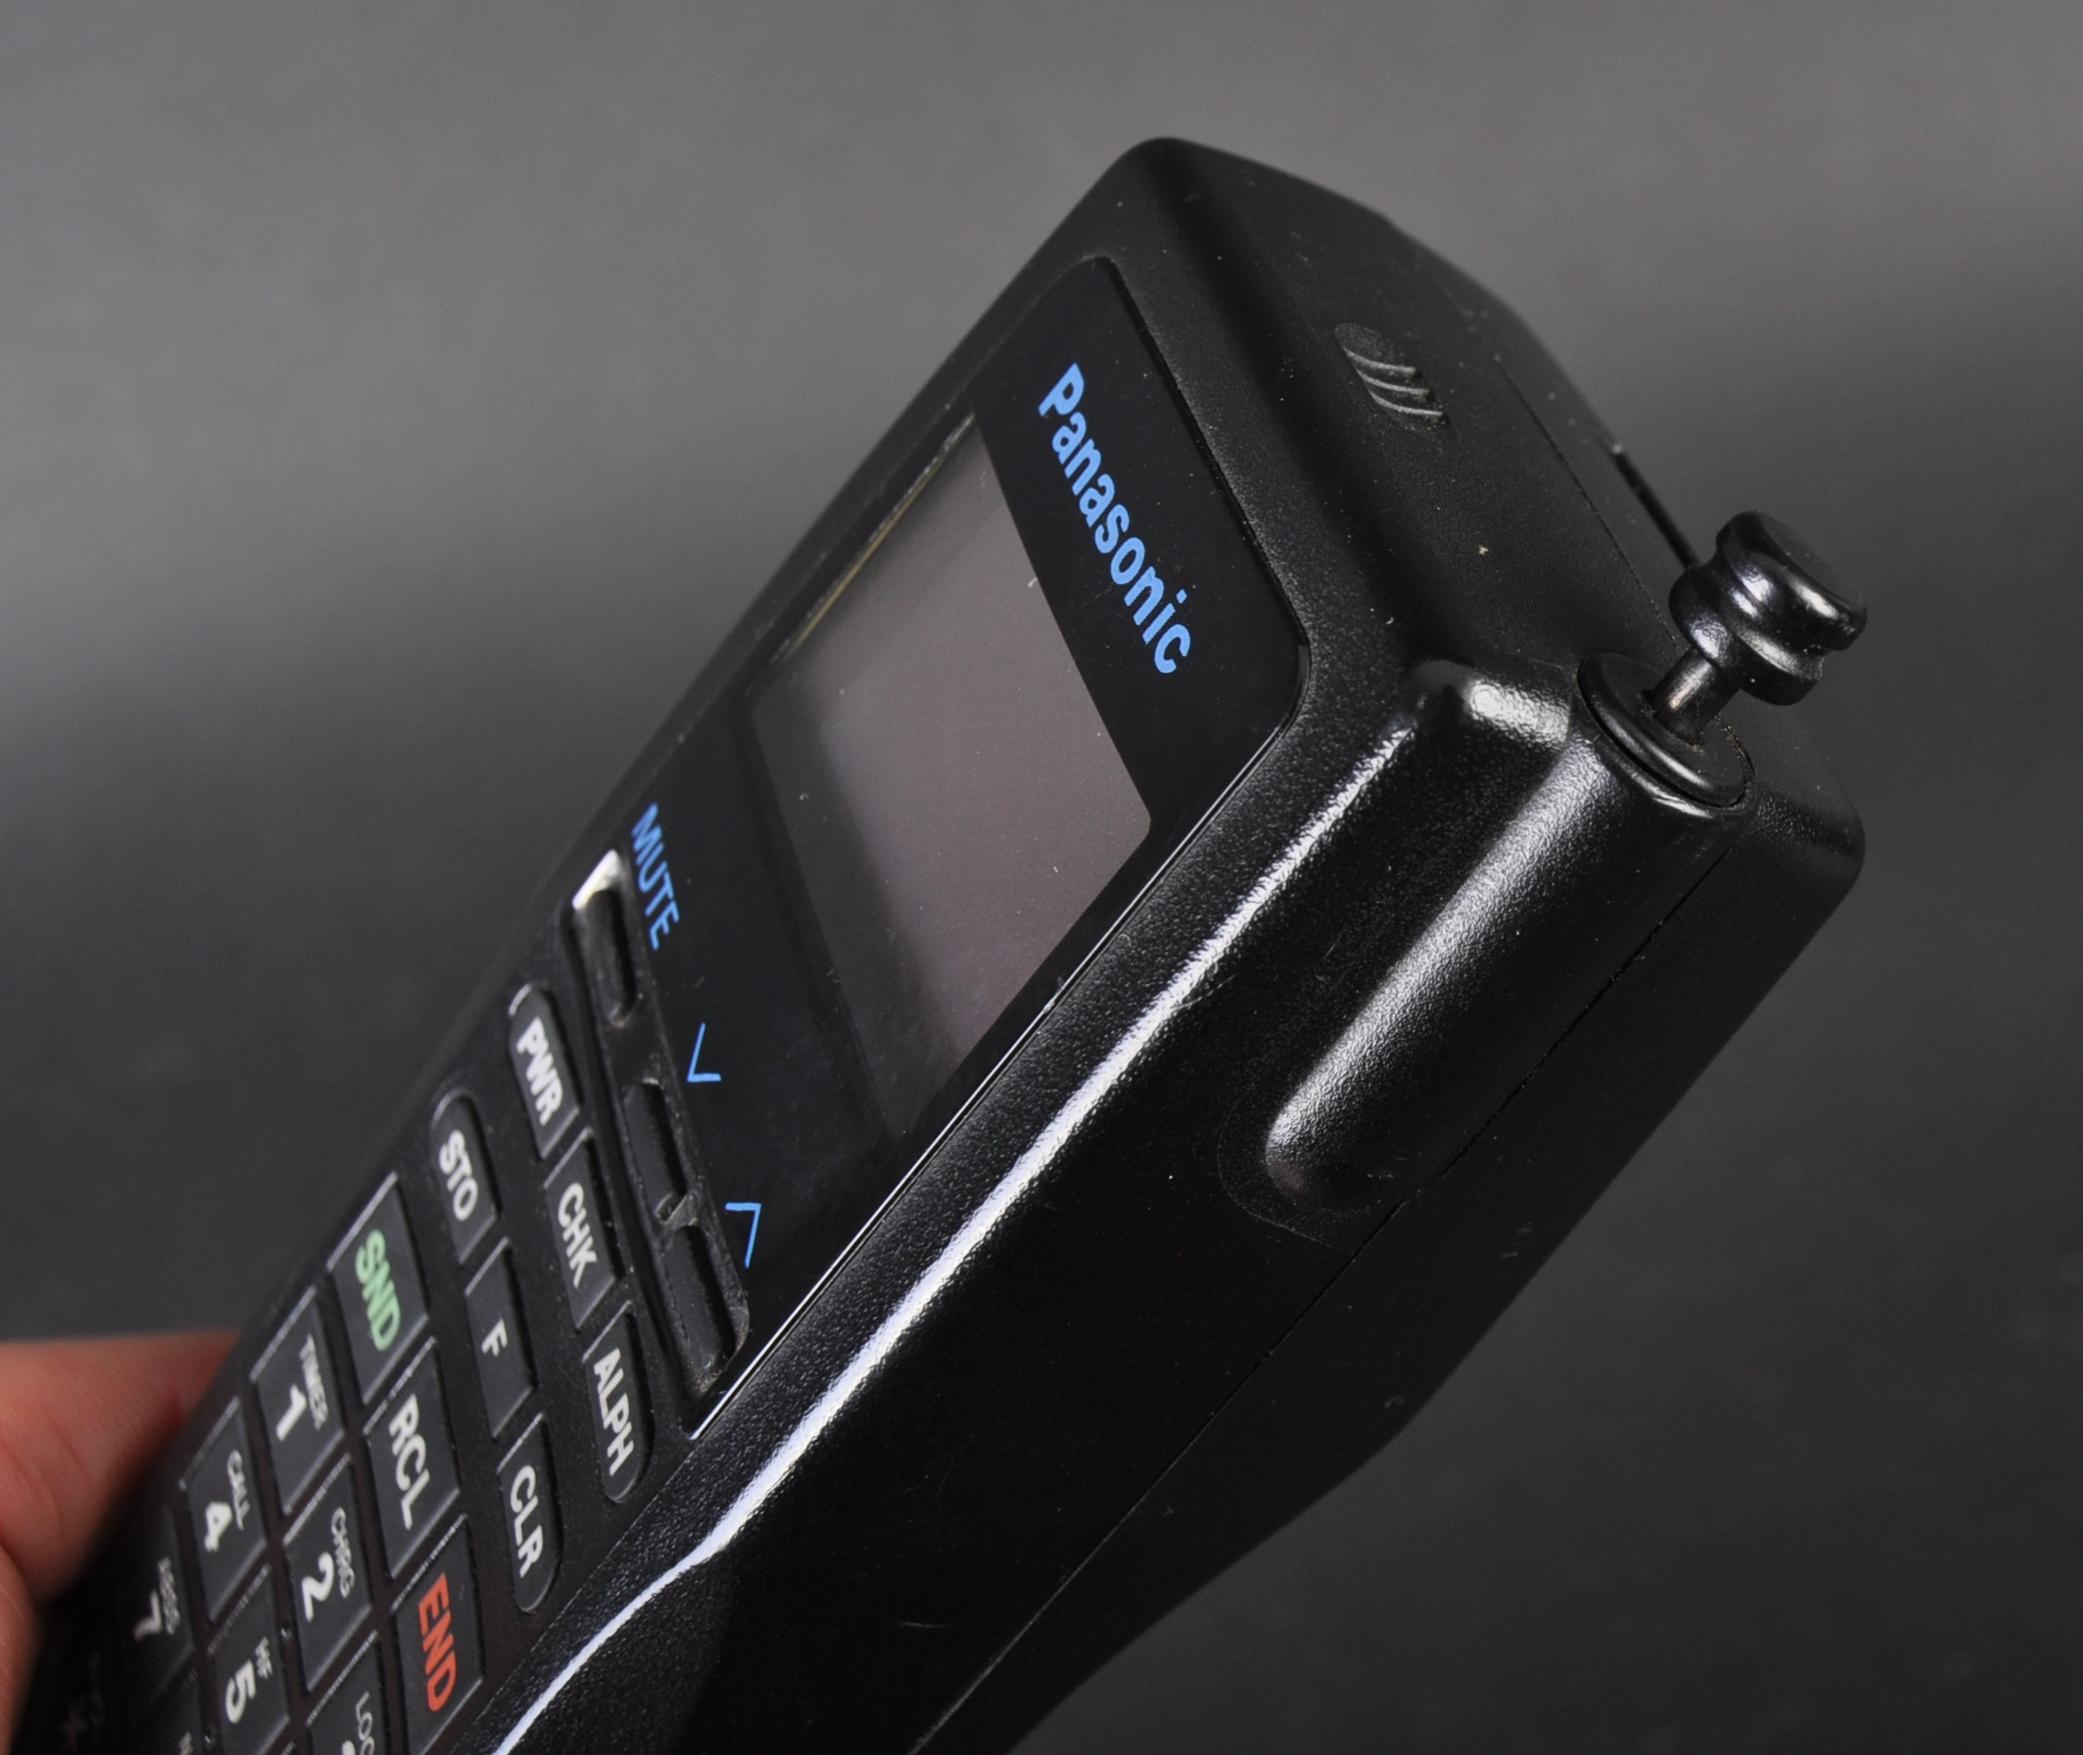 JAGUAR - ORIGINAL 1990S PANASONIC JAGUAR CAR PHONE - Image 4 of 5